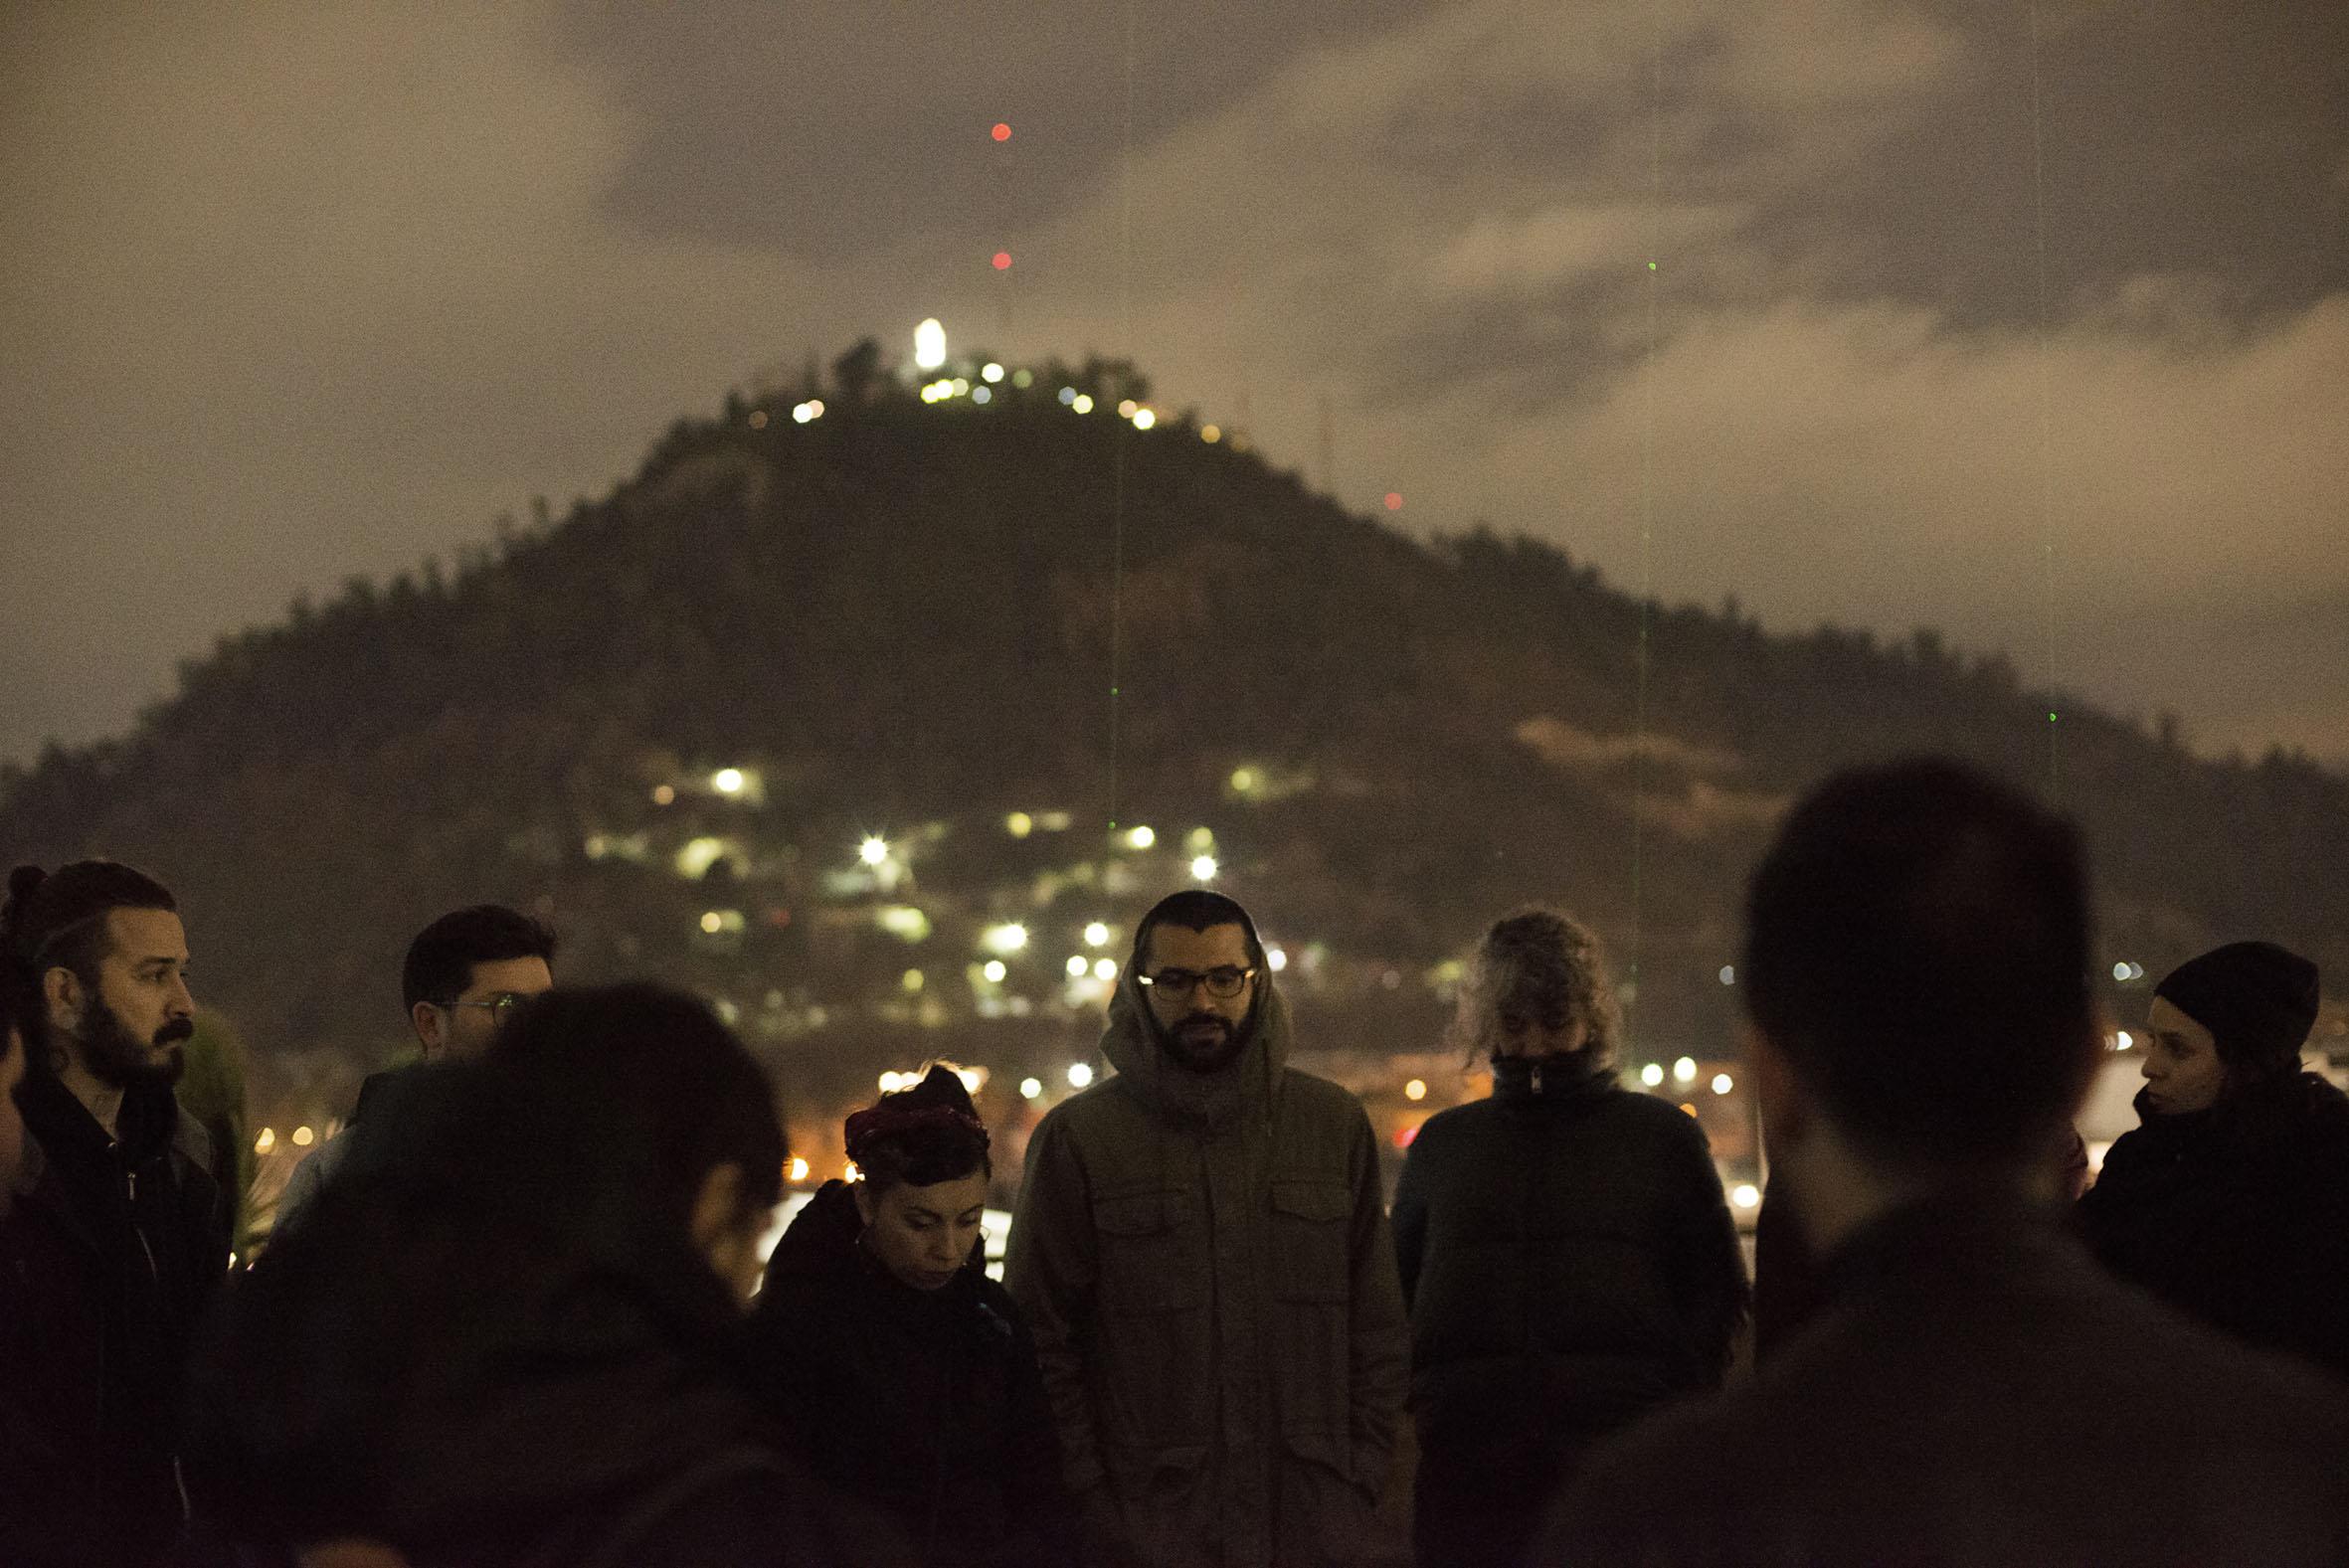 Manifiesto de Luz, site specific, por Aldair Indra, realizado en Galeria CIMA, Santiago de Chile